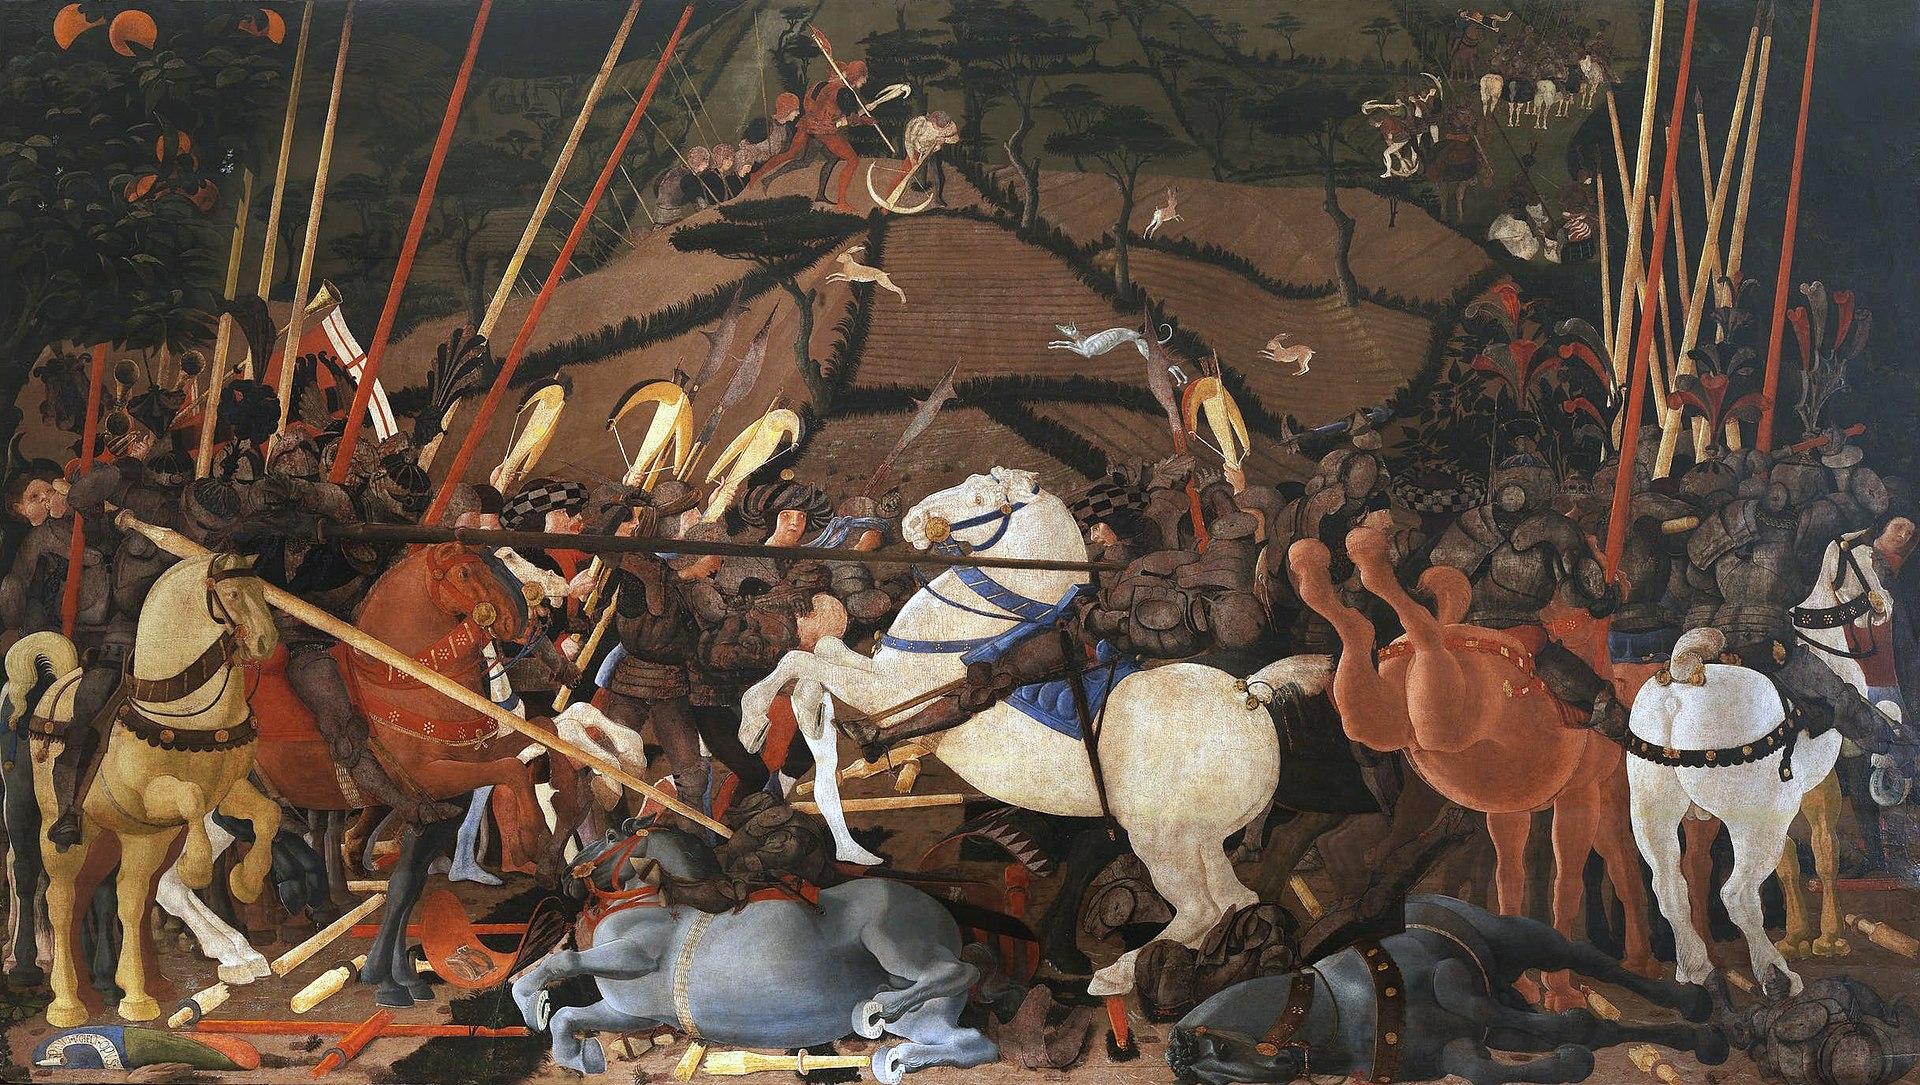 Battaglia di San Romano-la tavola degli Uffizi, Paolo Uccello